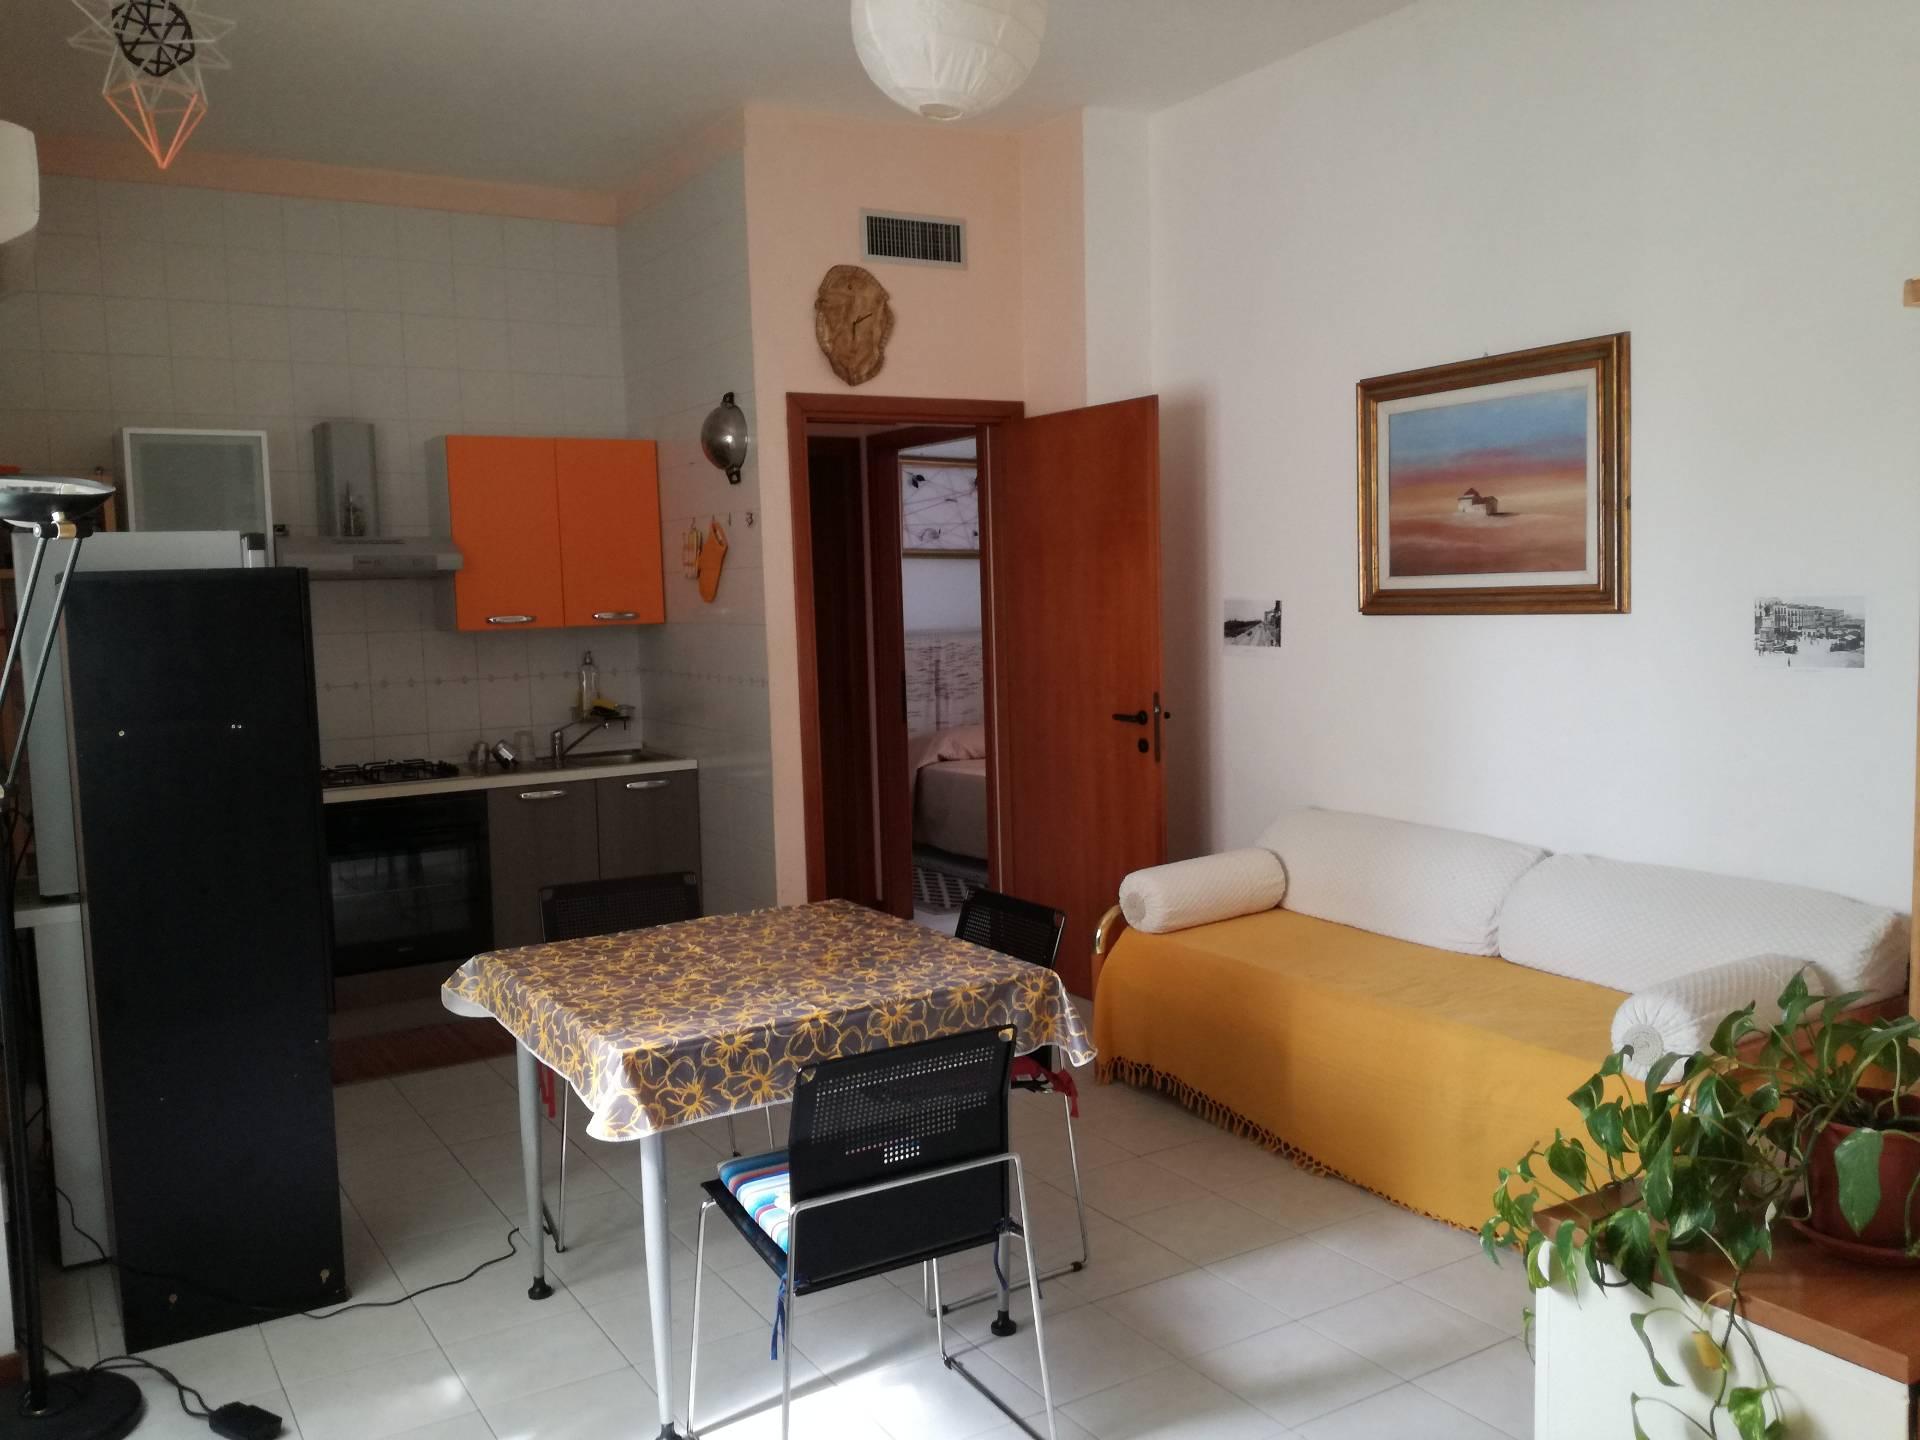 Appartamento in affitto a Cagliari, 2 locali, zona Zona: Marina, prezzo € 550 | Cambio Casa.it